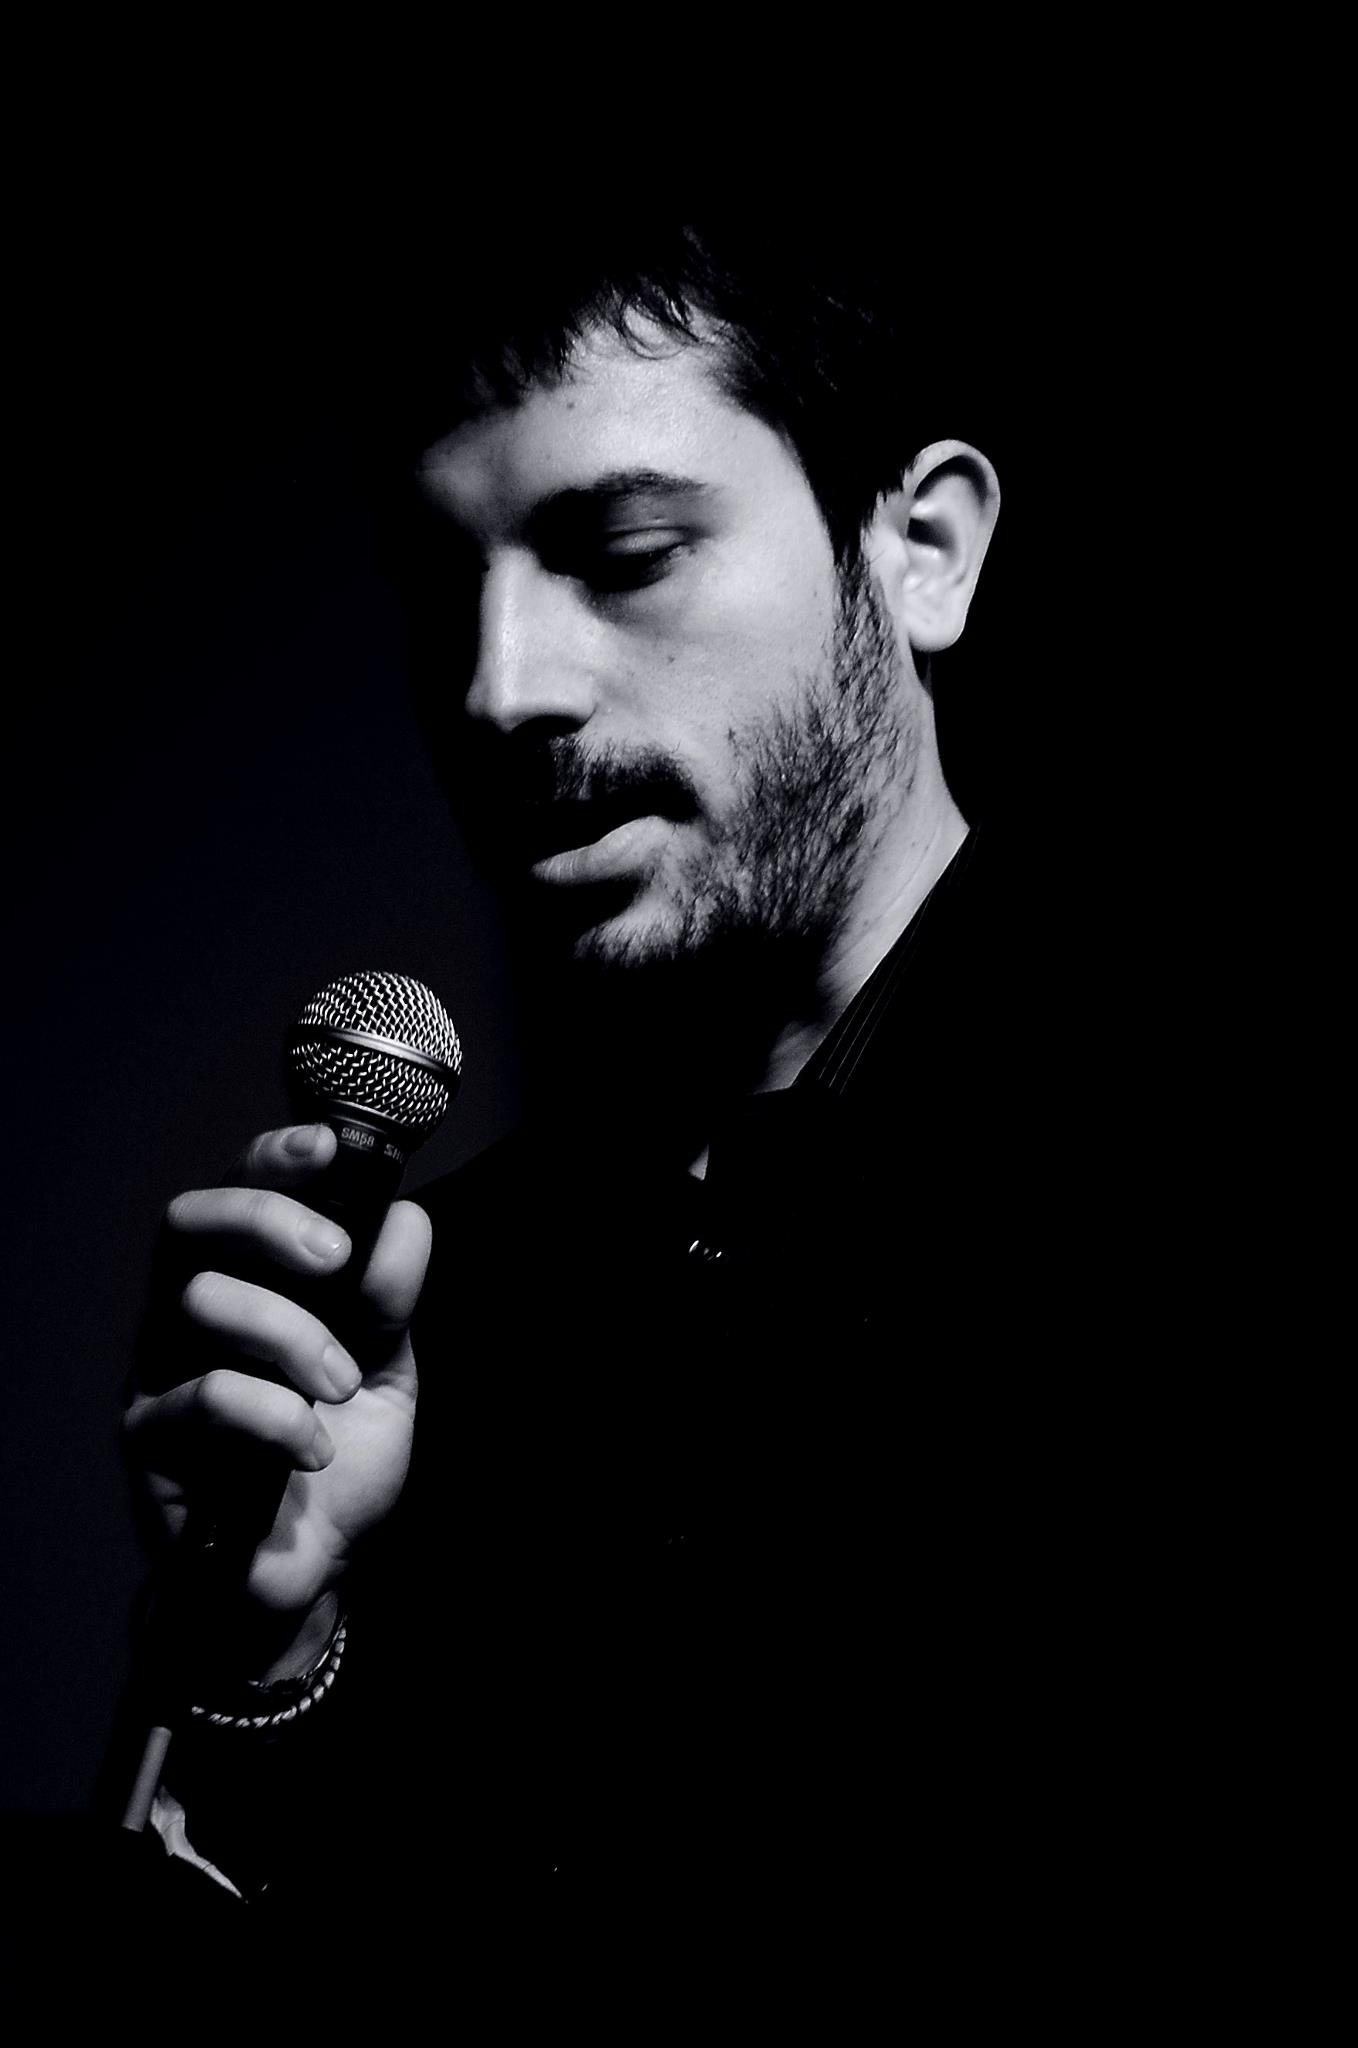 Giovanni Garufi Bozza